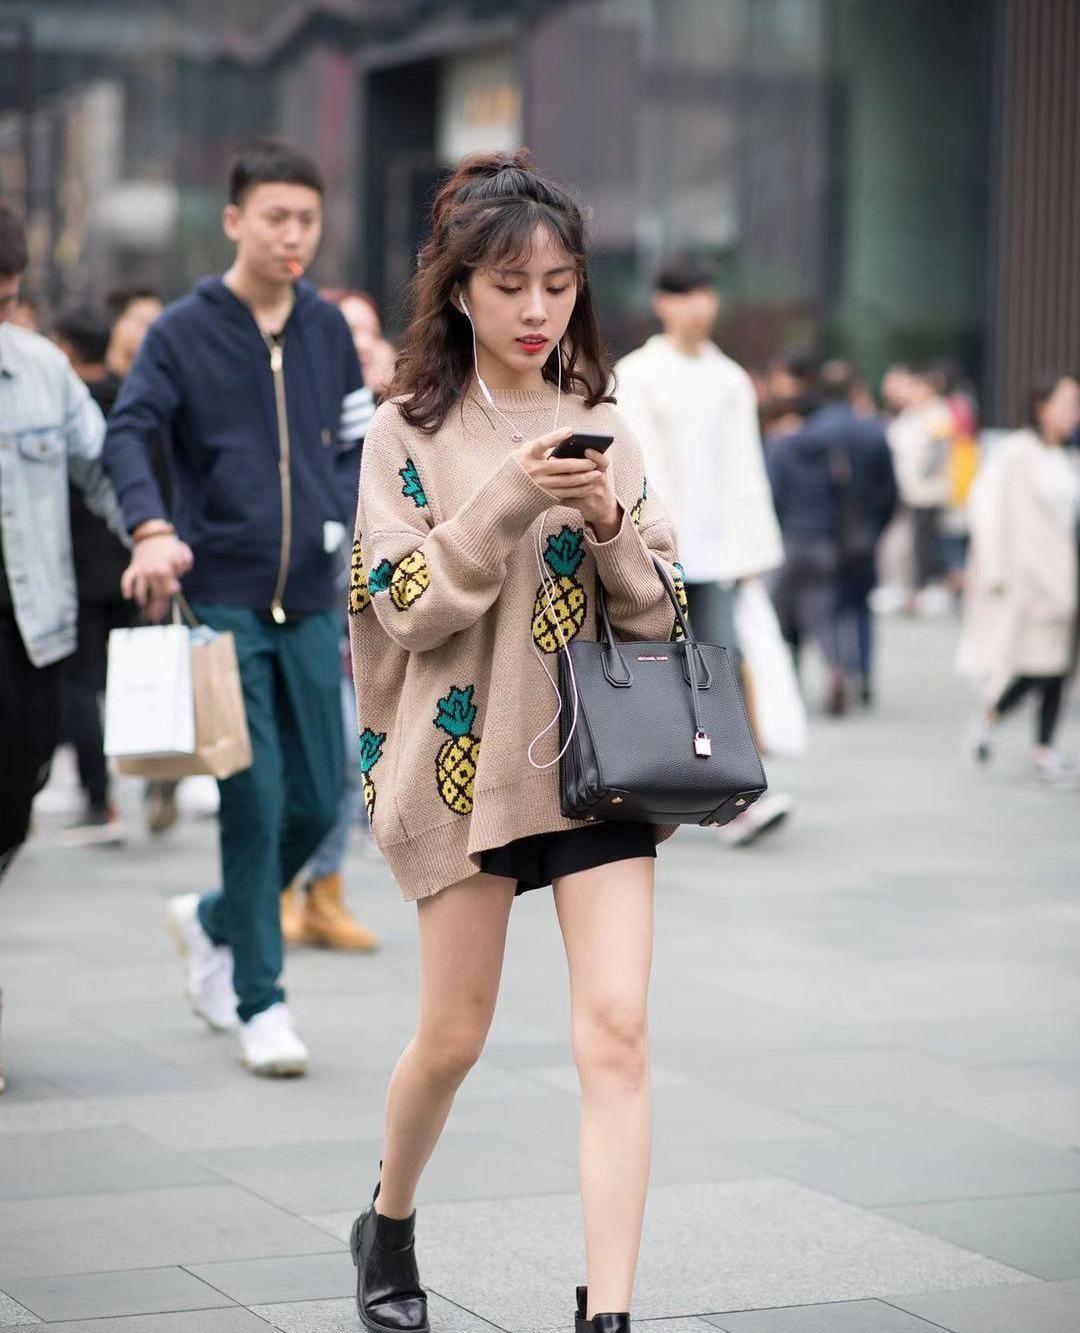 街拍:小姐姐棕色宽松印花毛衣搭配黑色短裤,可爱甜美长腿吸睛